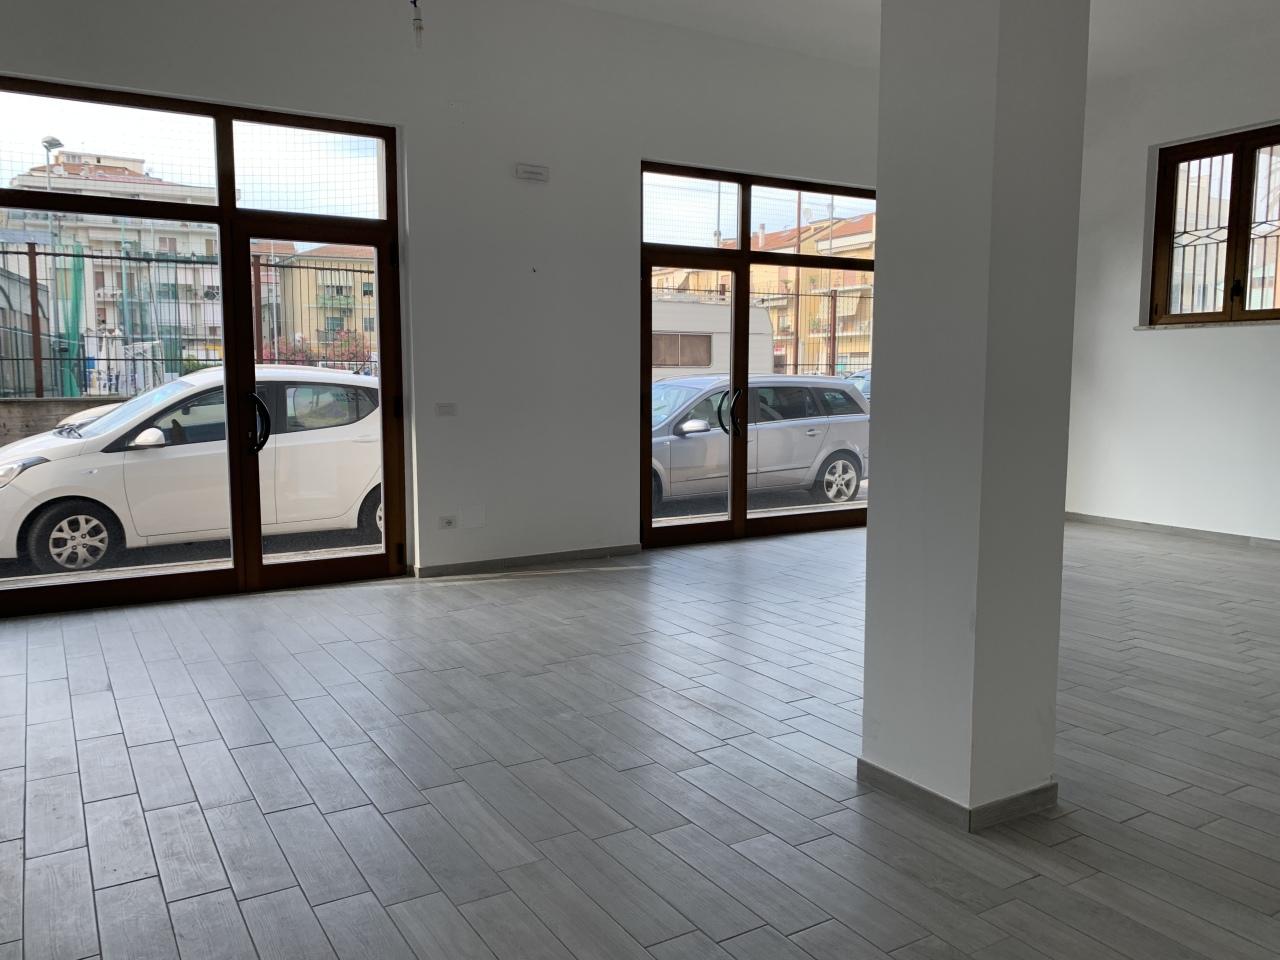 Locale commerciale - 2 Vetrine a Ascolani, San Benedetto del Tronto Rif. 10763769